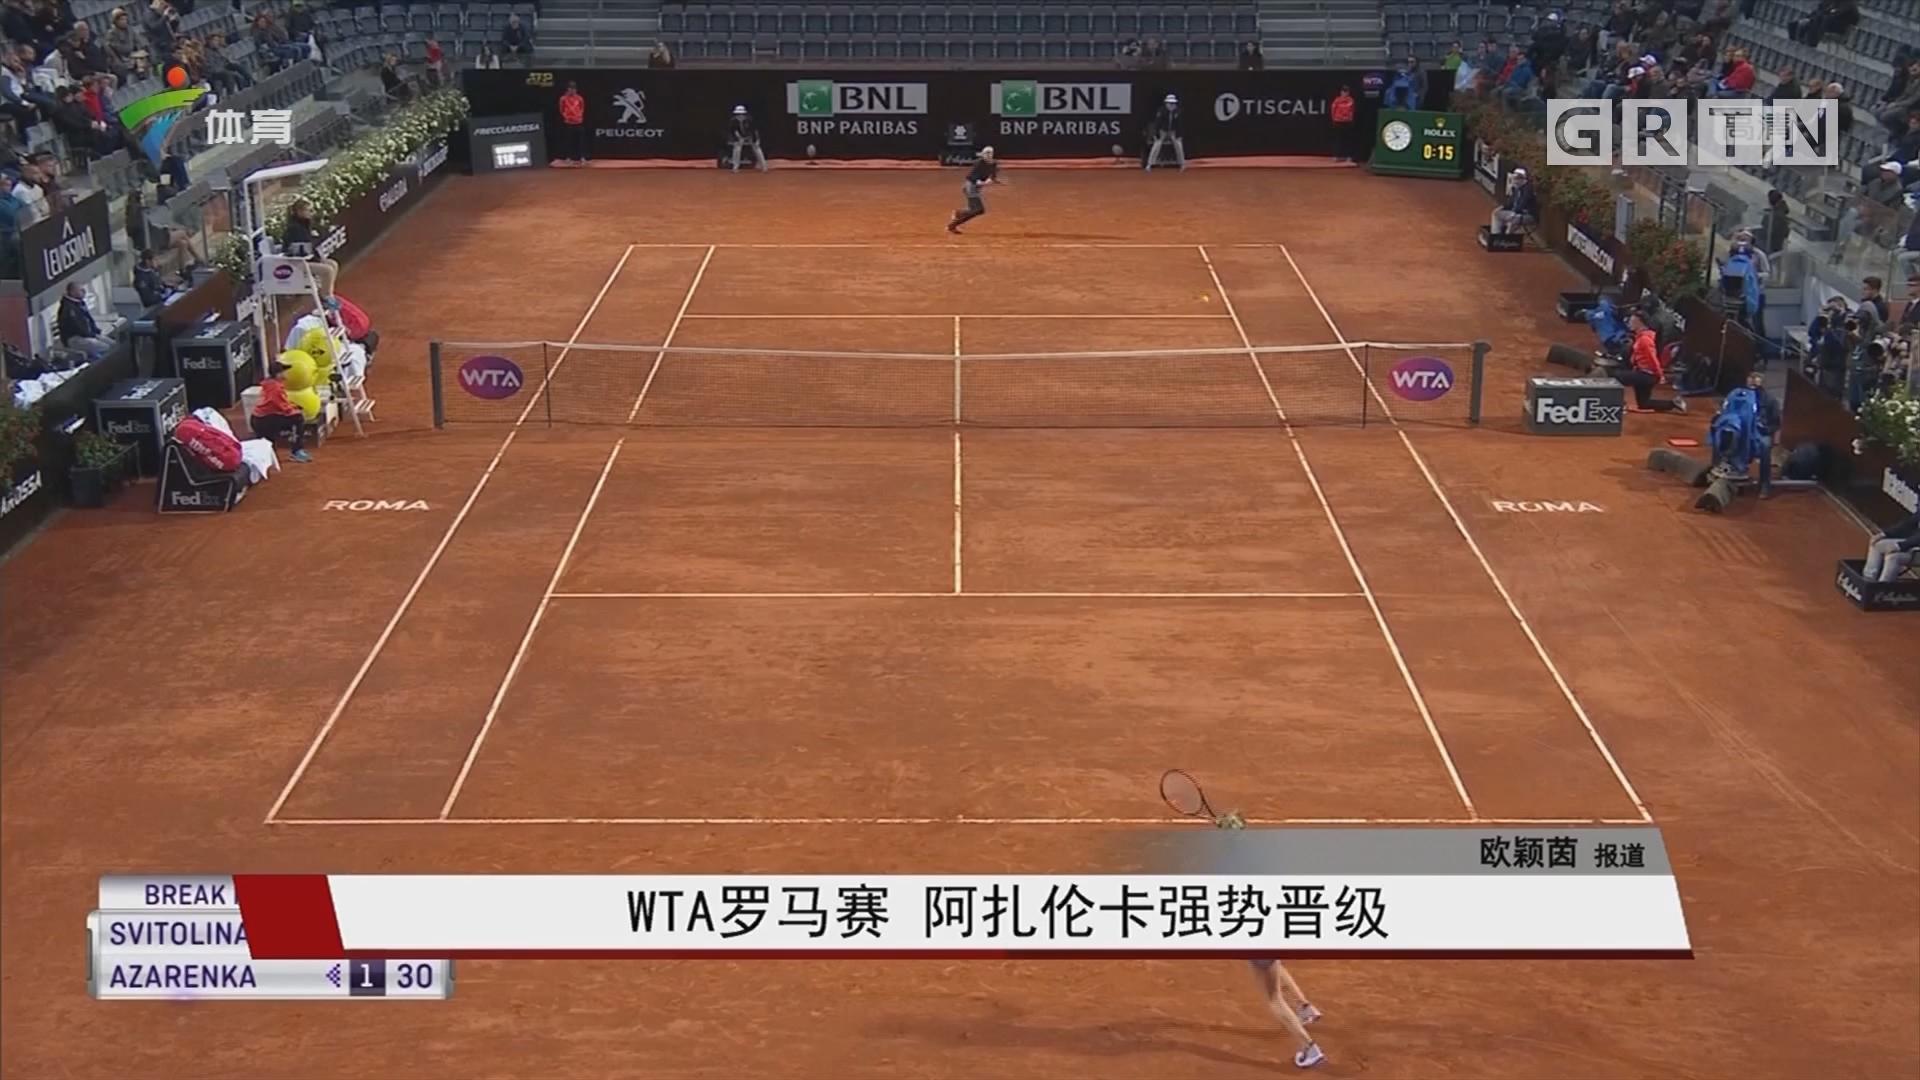 WTA罗马赛 阿扎伦卡强势晋级